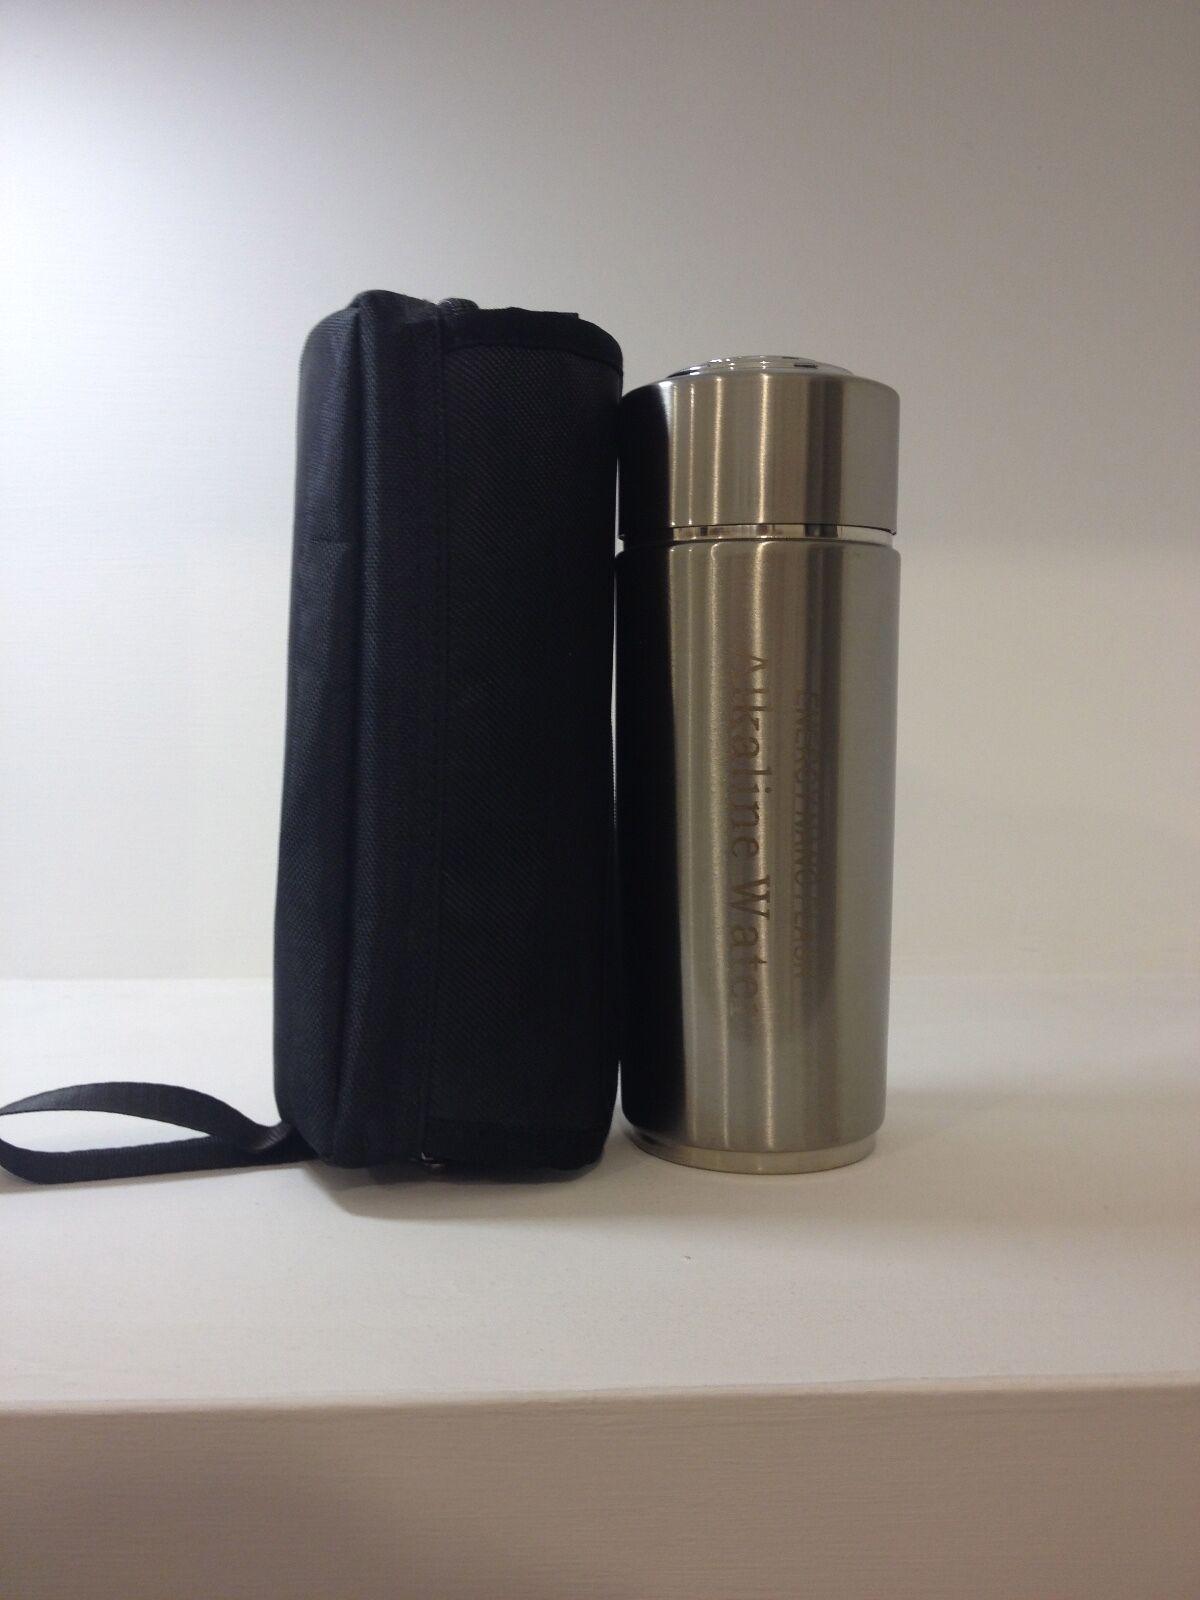 Borraccia Alcalina + 2 filtri